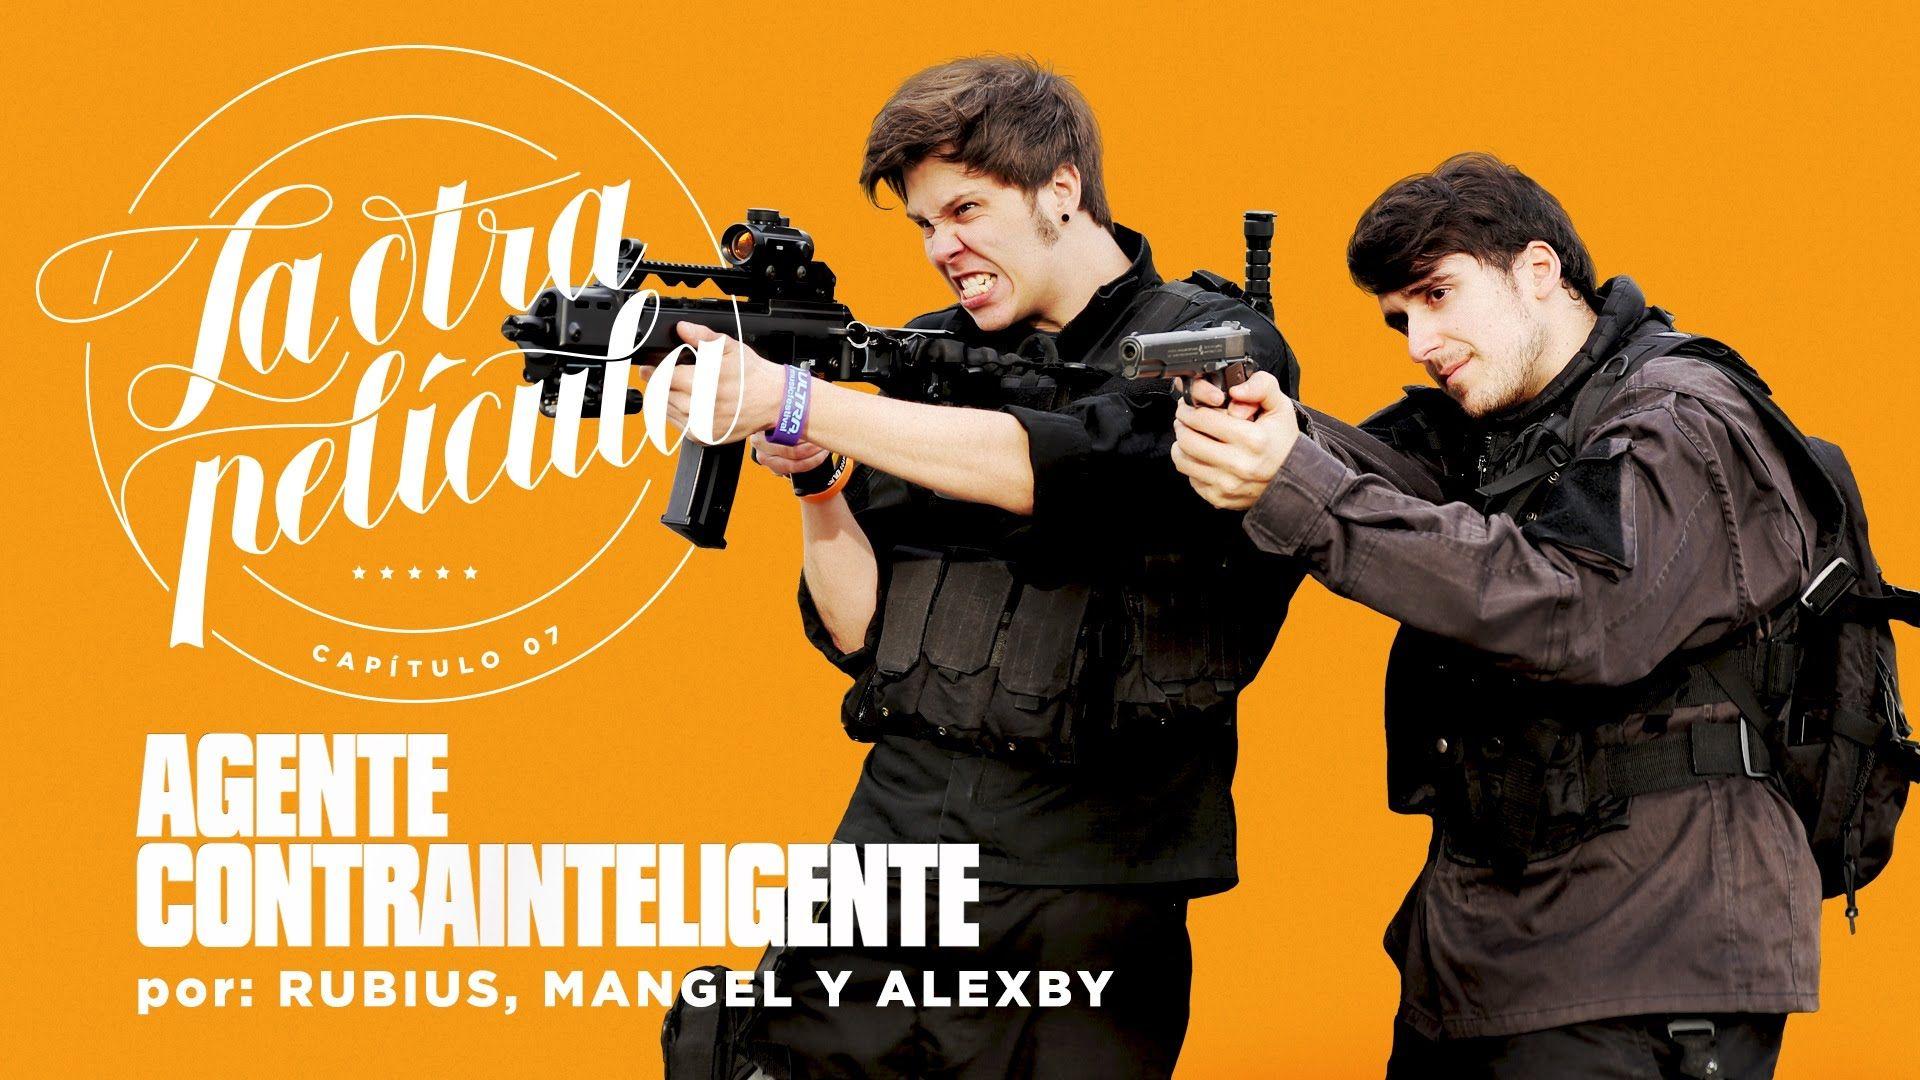 Rubius Y Mangel El Rescate Definitivo Agente Contrainteligente La Otra Pelicula 07 Youtube Rubius Peliculas Youtube